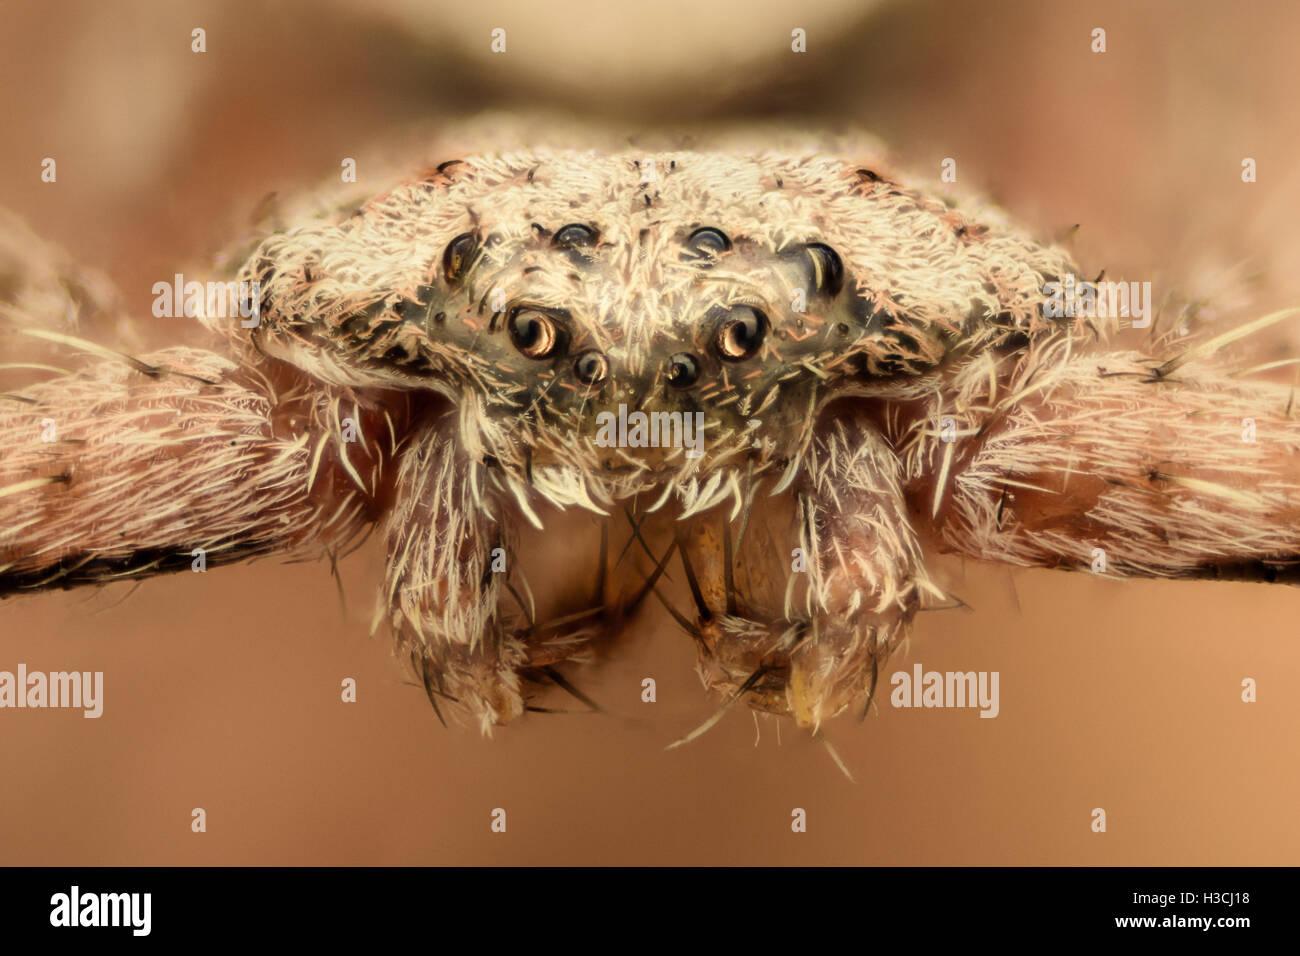 Extreme - Plano de ampliación, el cangrejo araña, vista frontal Imagen De Stock